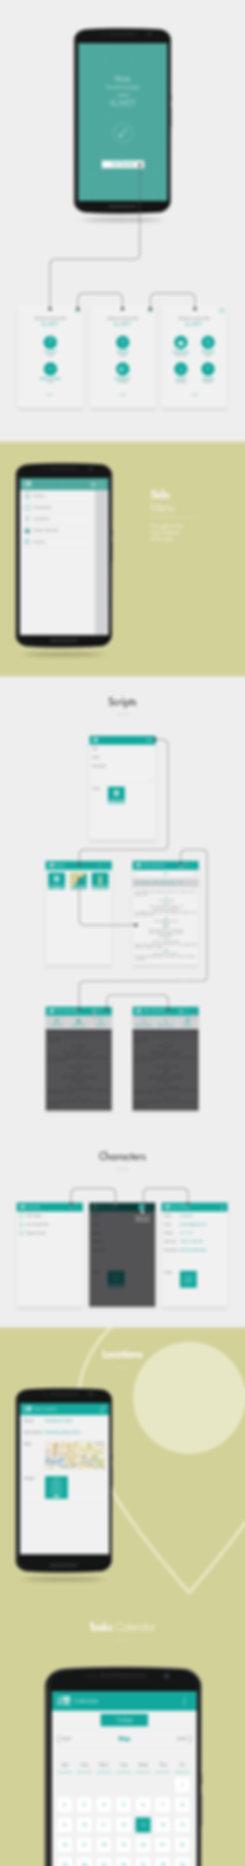 Klaket Mobile App Design, Wireframe